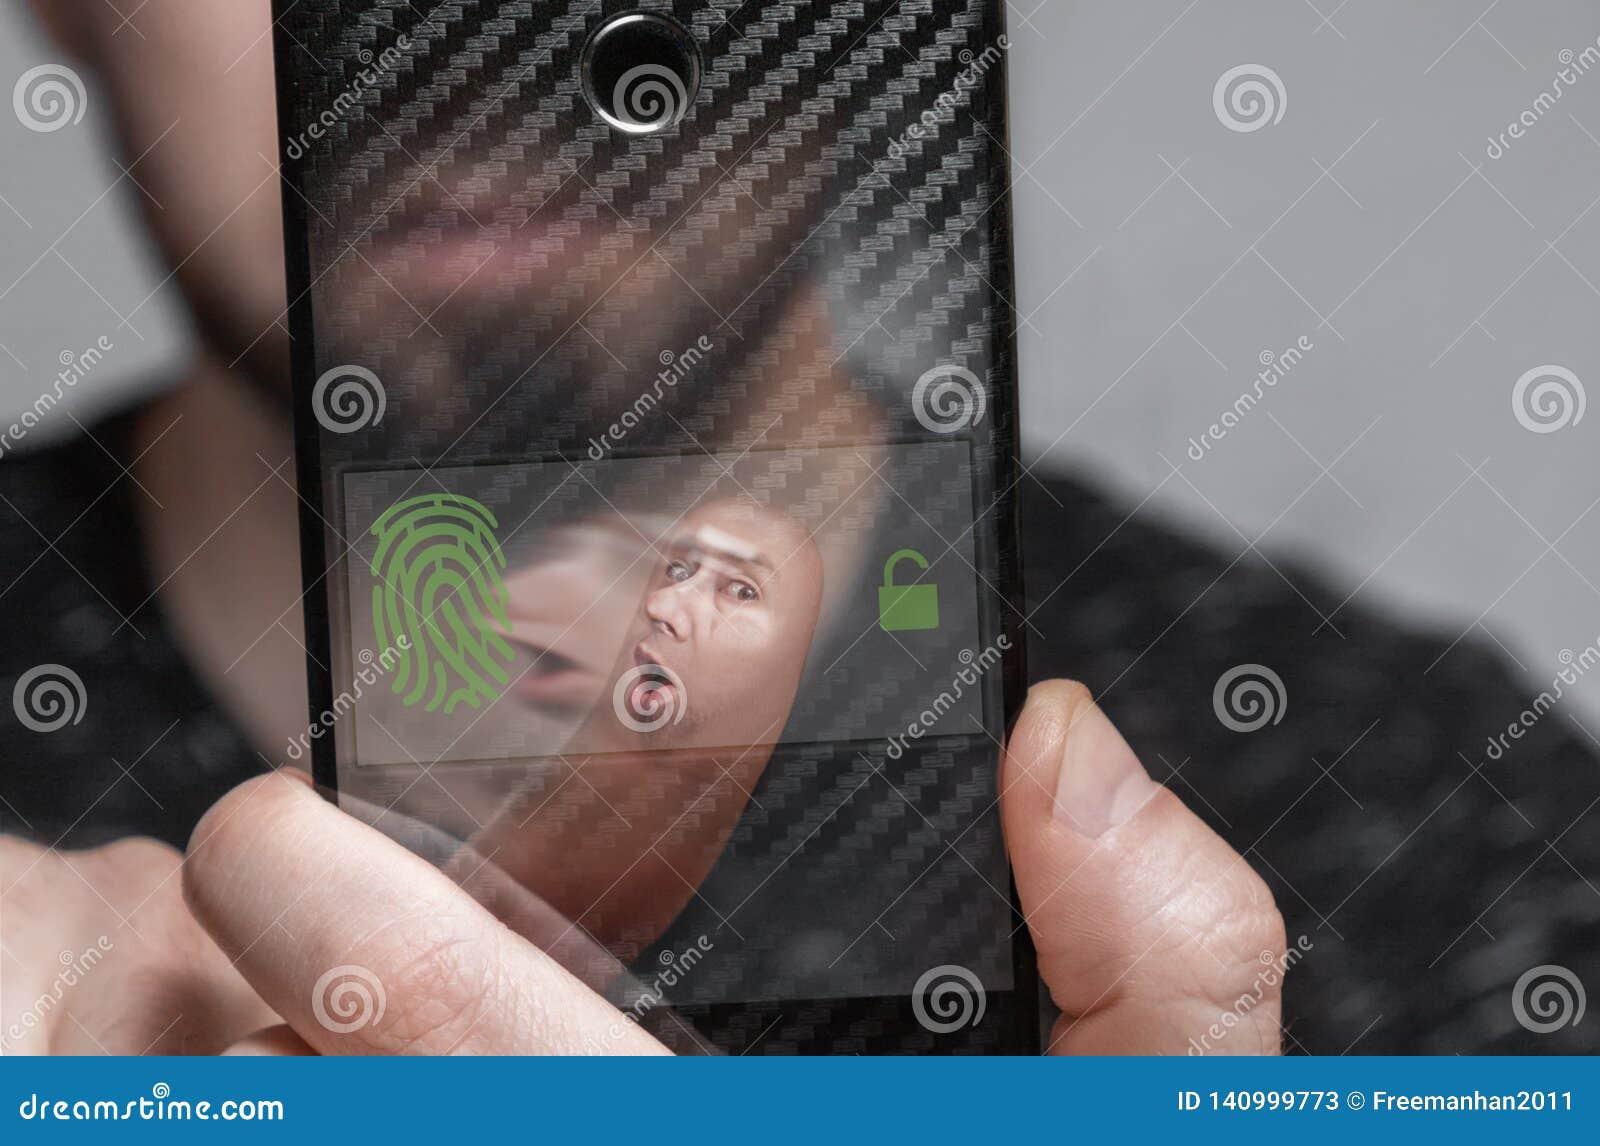 Close-up van de vingerafdruk om de gebruiker van de telefoon te identificeren het concept gezichtsidentiteitskaart